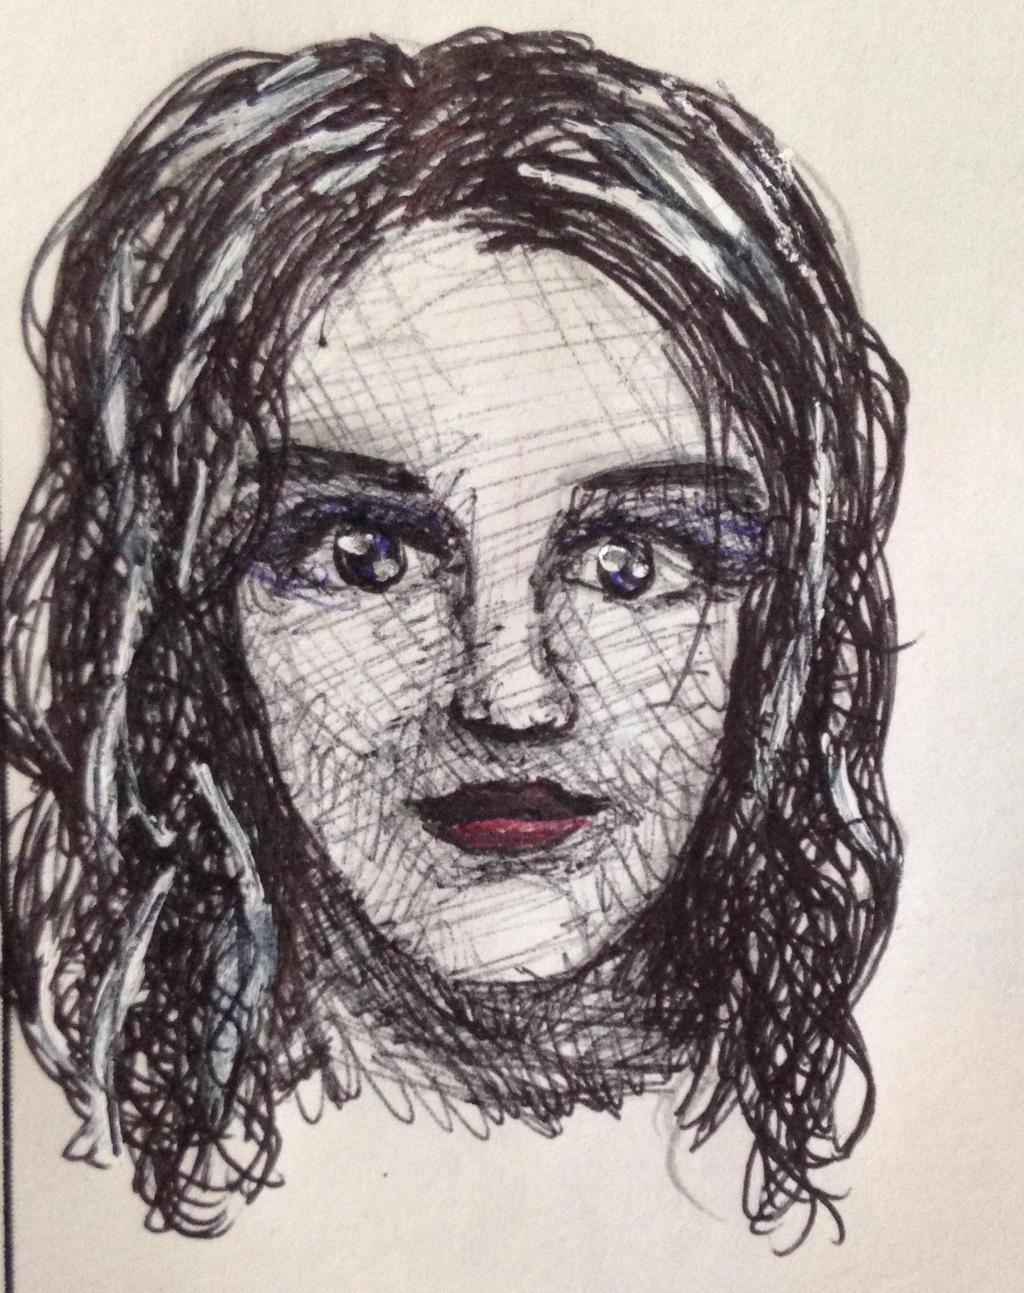 Self portrait  by swiftcross